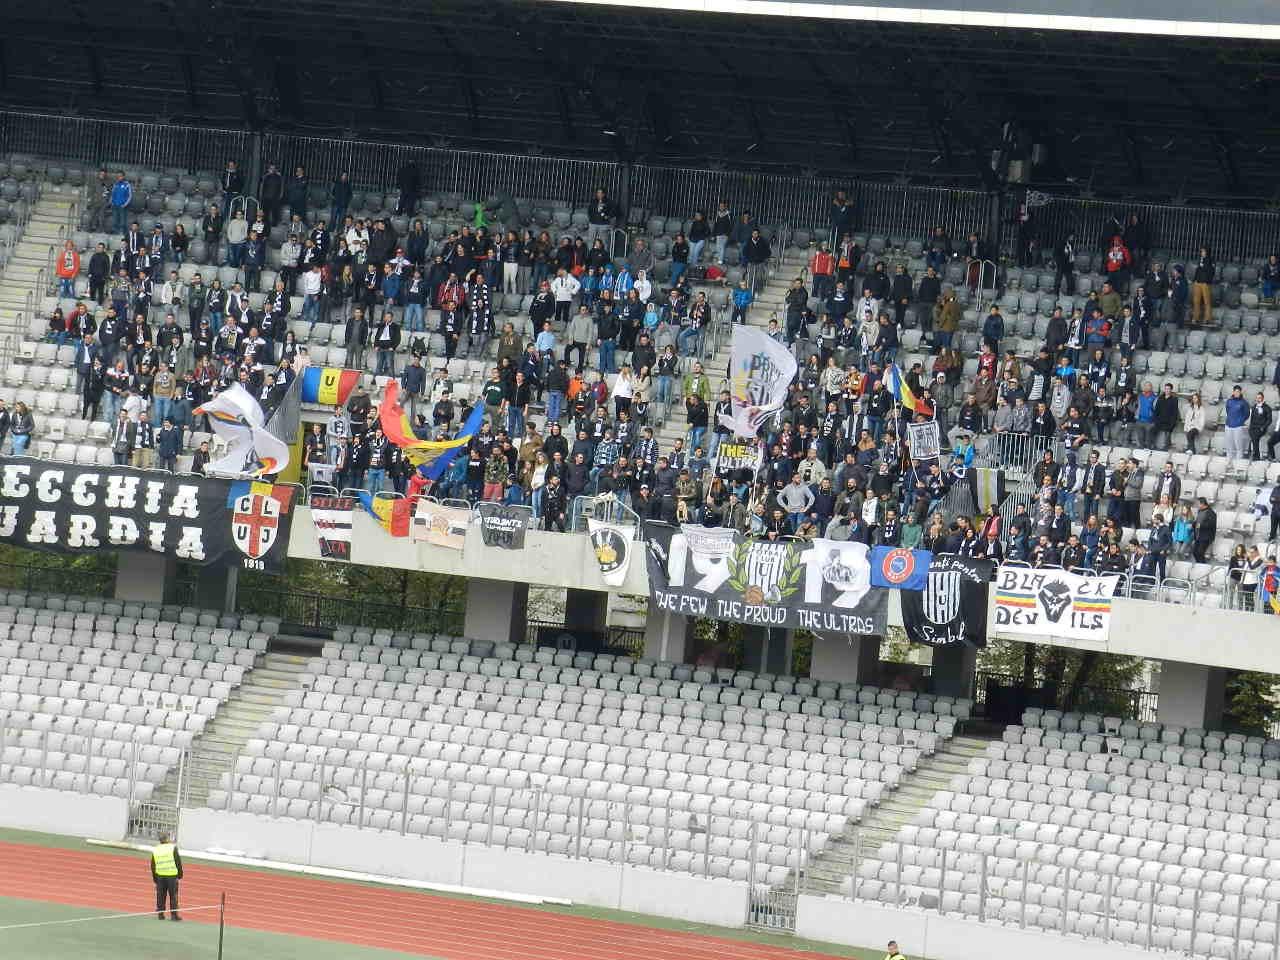 """Proiectul """"socios"""" a adus peste 50.000 lei la """"U"""" Cluj într-o lună – Peste 500 de suporteri au devenit membri cotizanți ai clubului!"""